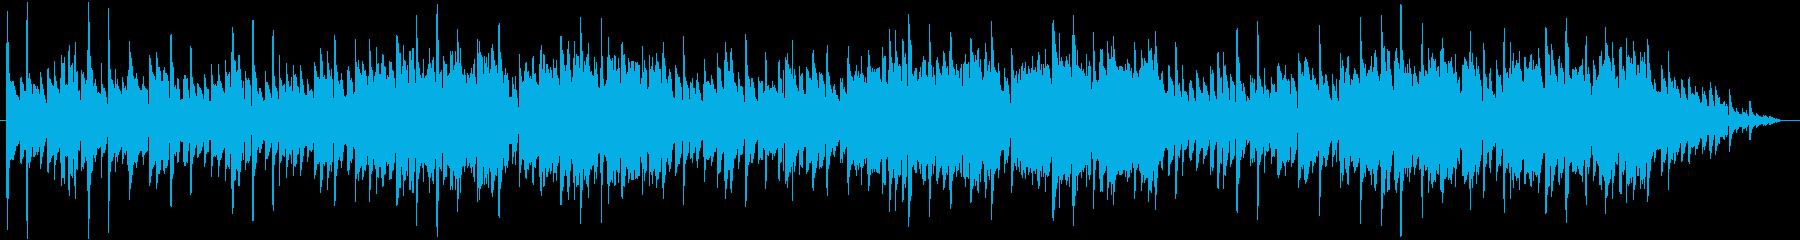 アコースティックギターメインの幻想的な曲の再生済みの波形